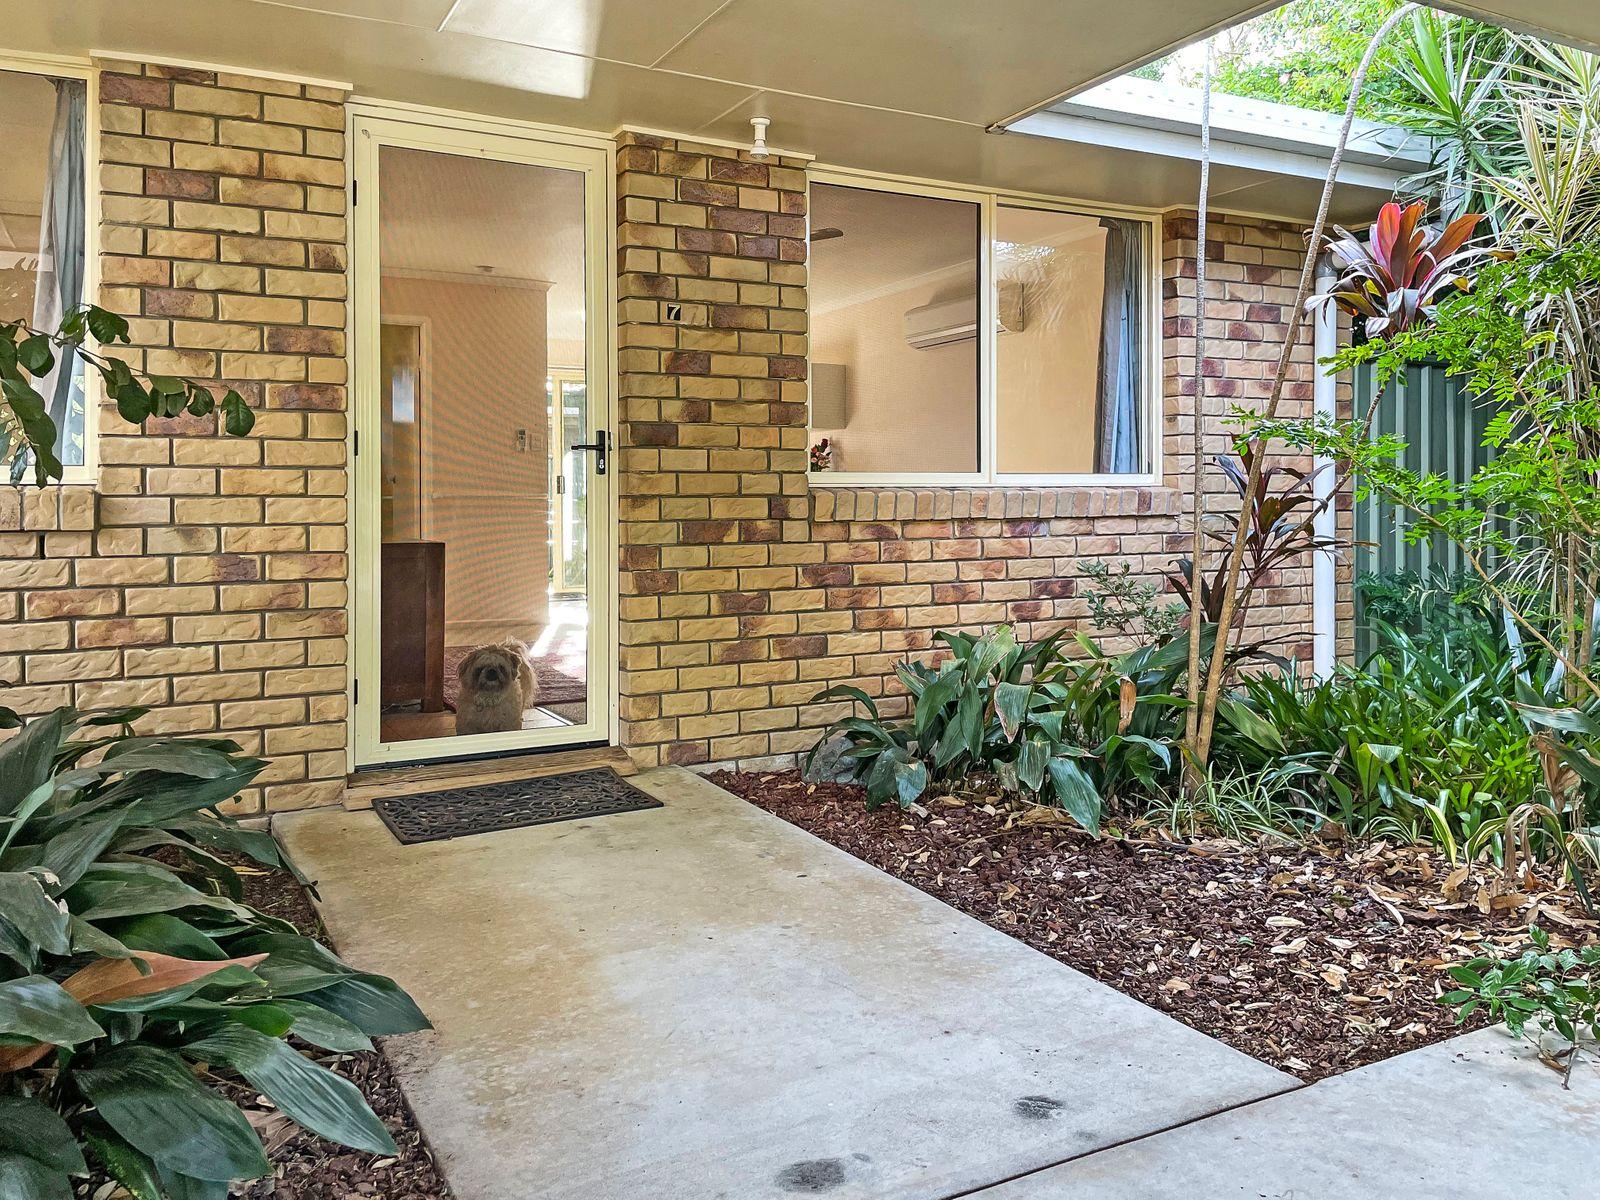 7/8 Simpson Street, Beerwah, QLD 4519